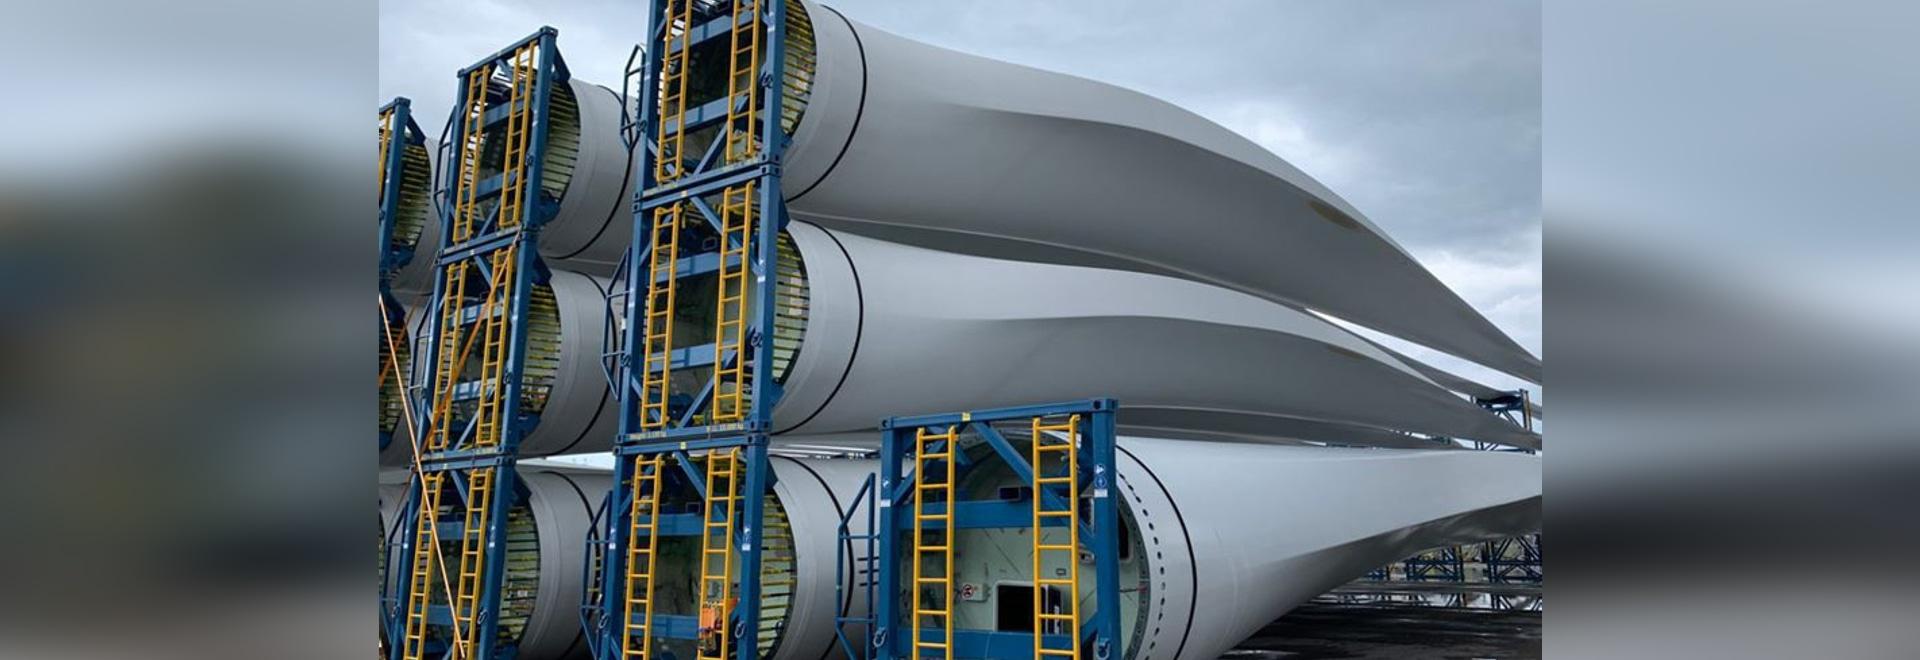 Compositi riciclati dalle pale delle turbine eoliche utilizzate per il co-processing del cemento